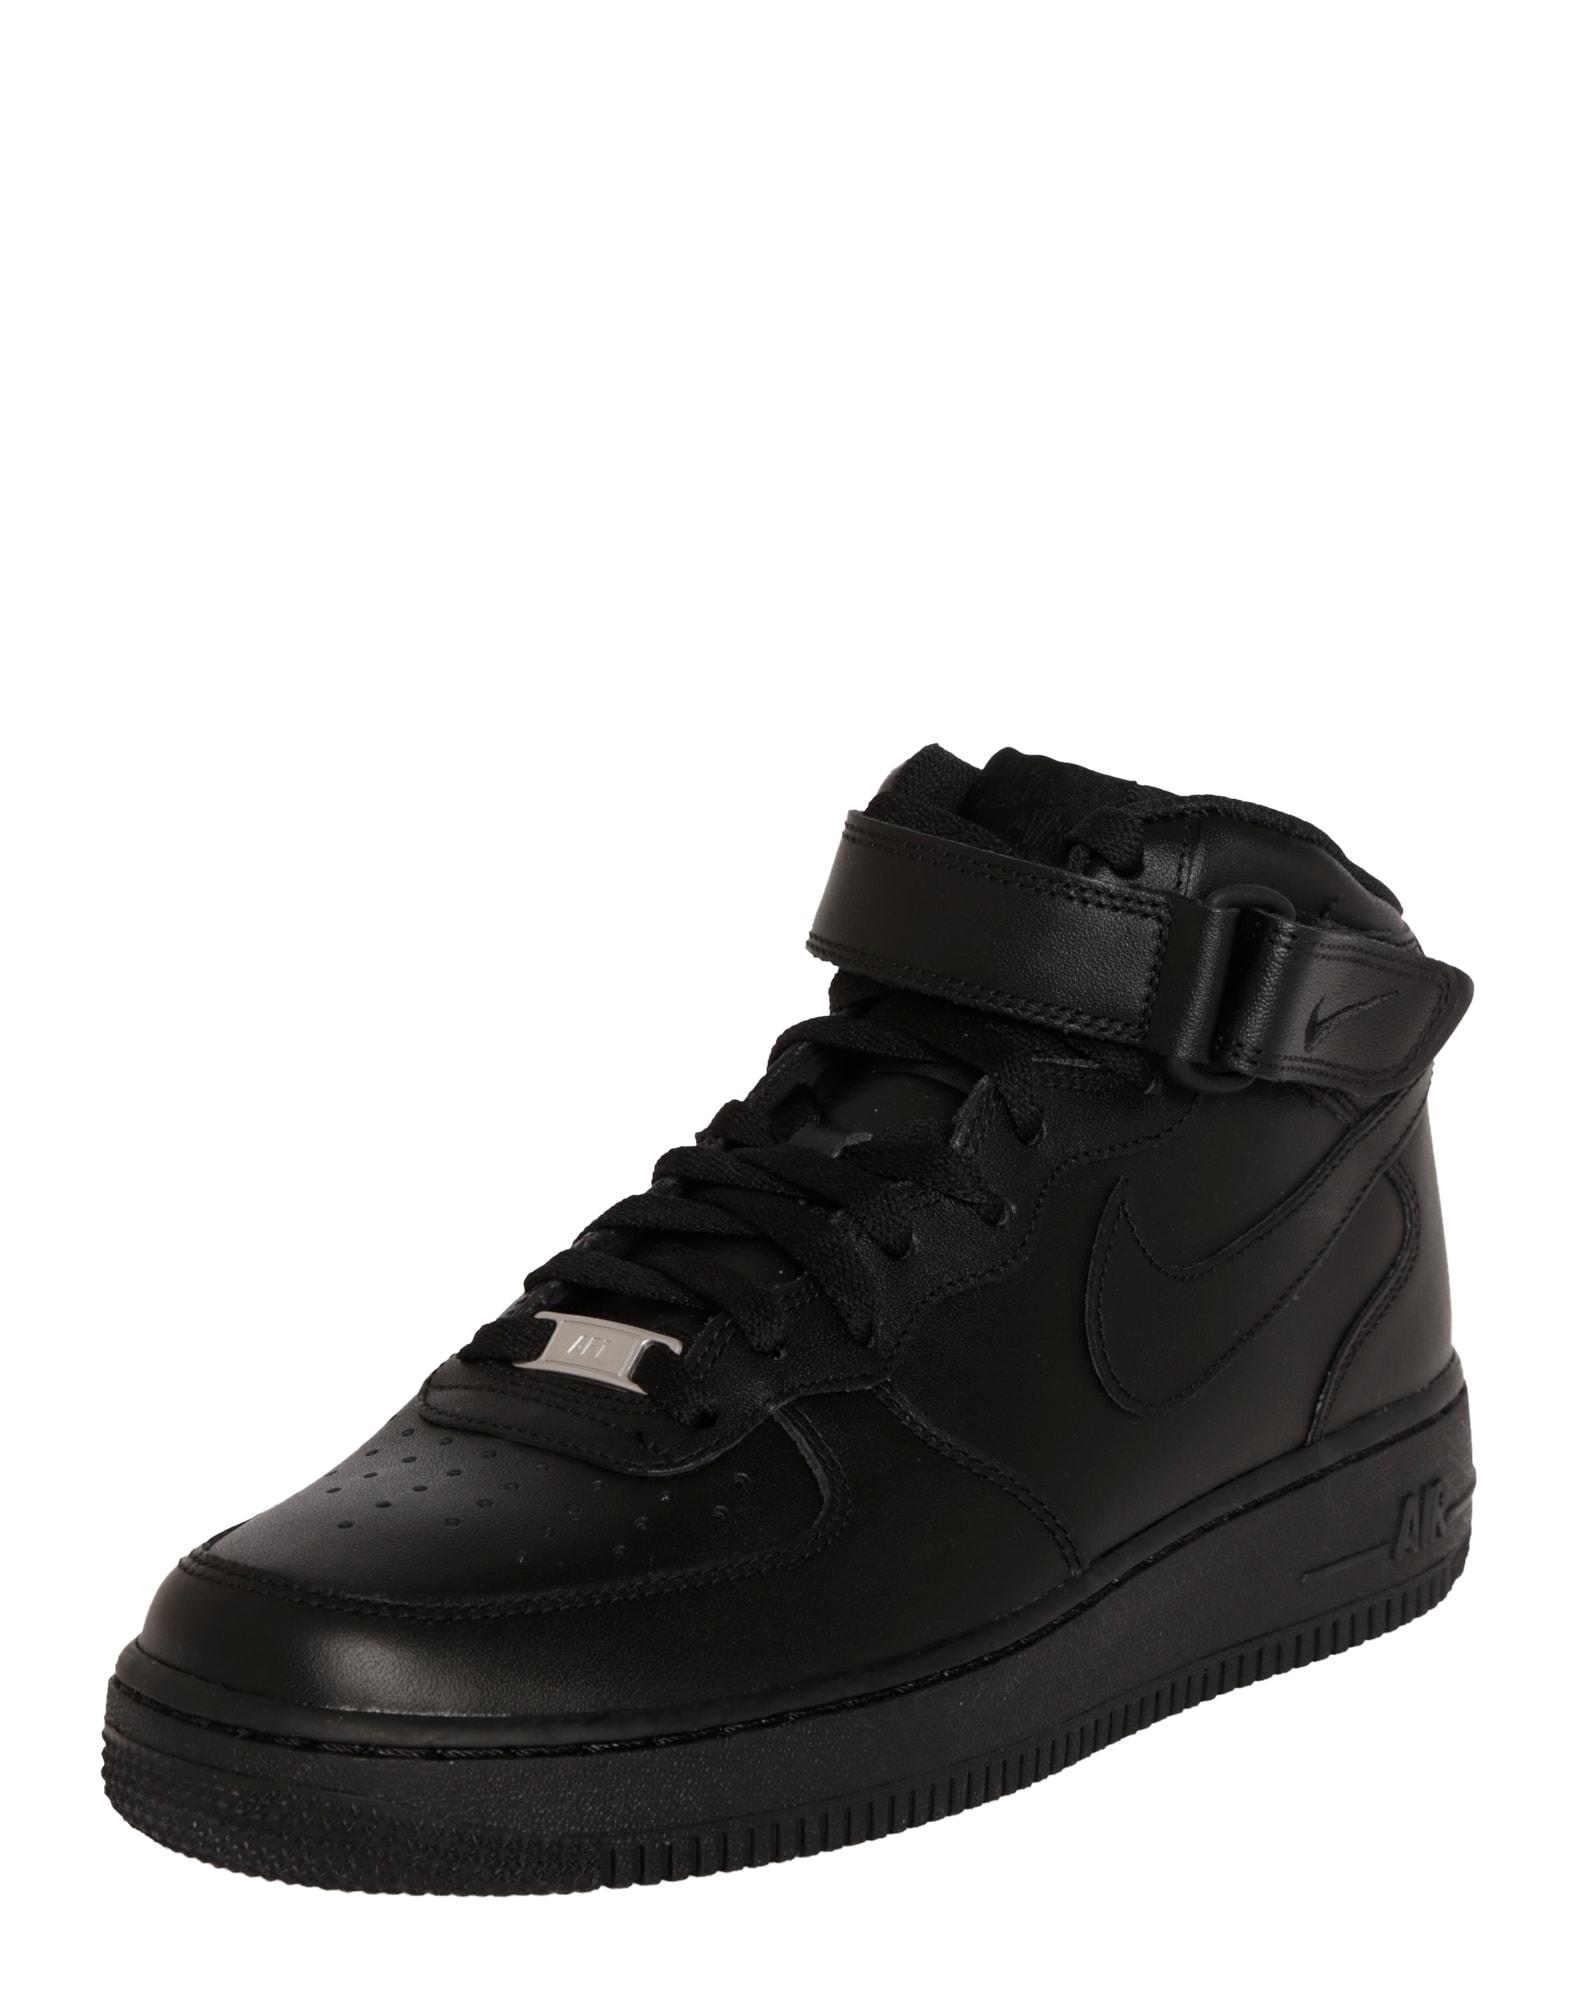 Nike Sportswear Sportbačiai su auliuku 'Air Force Mid' juoda